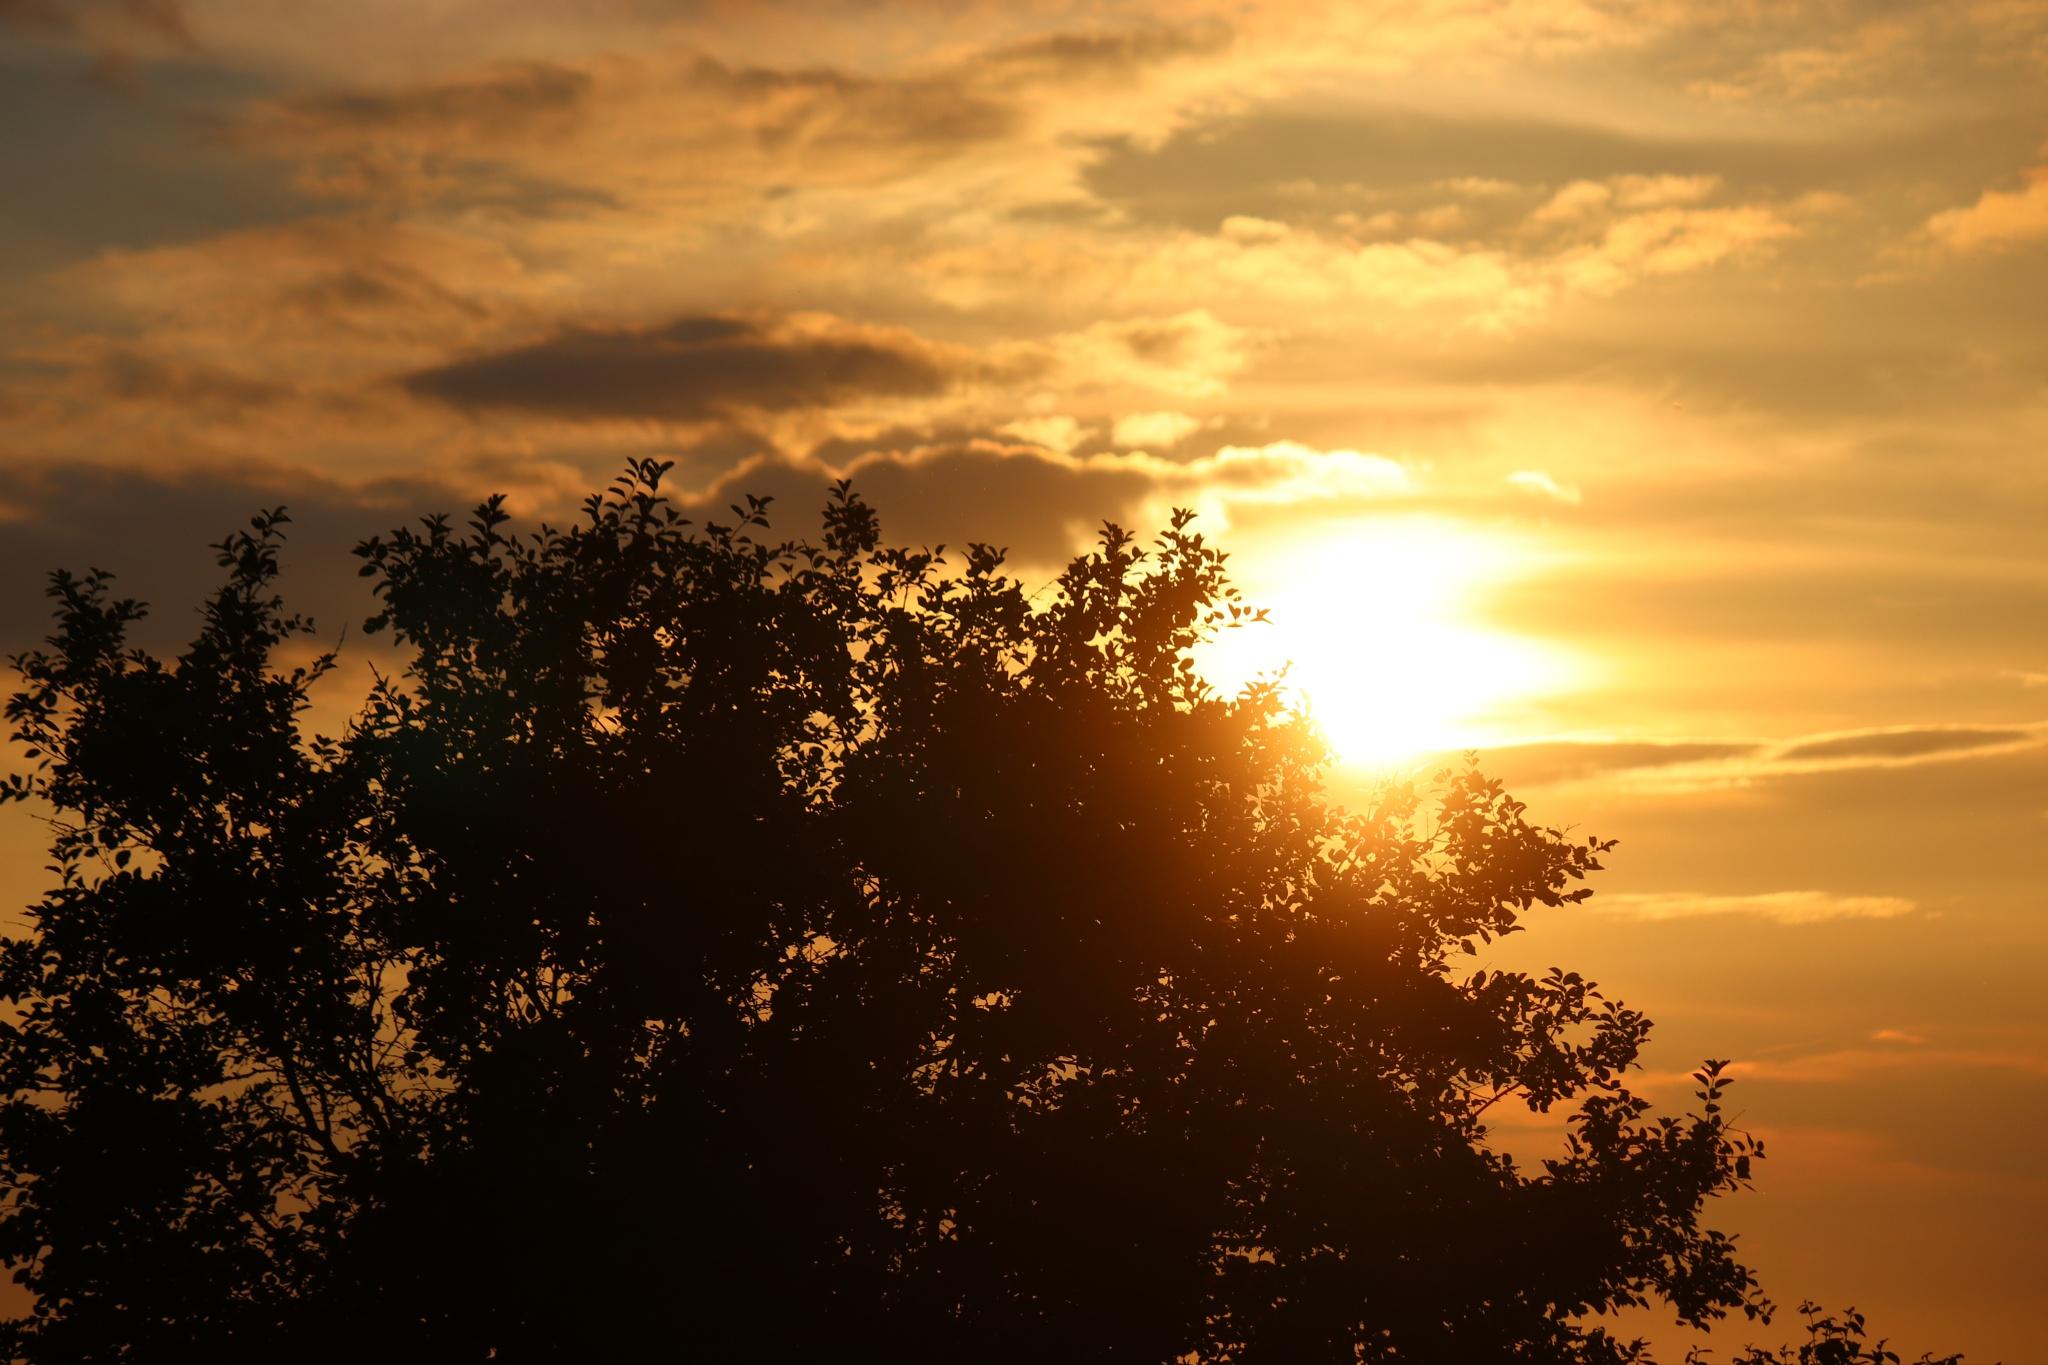 sunset tree by Jojophotography